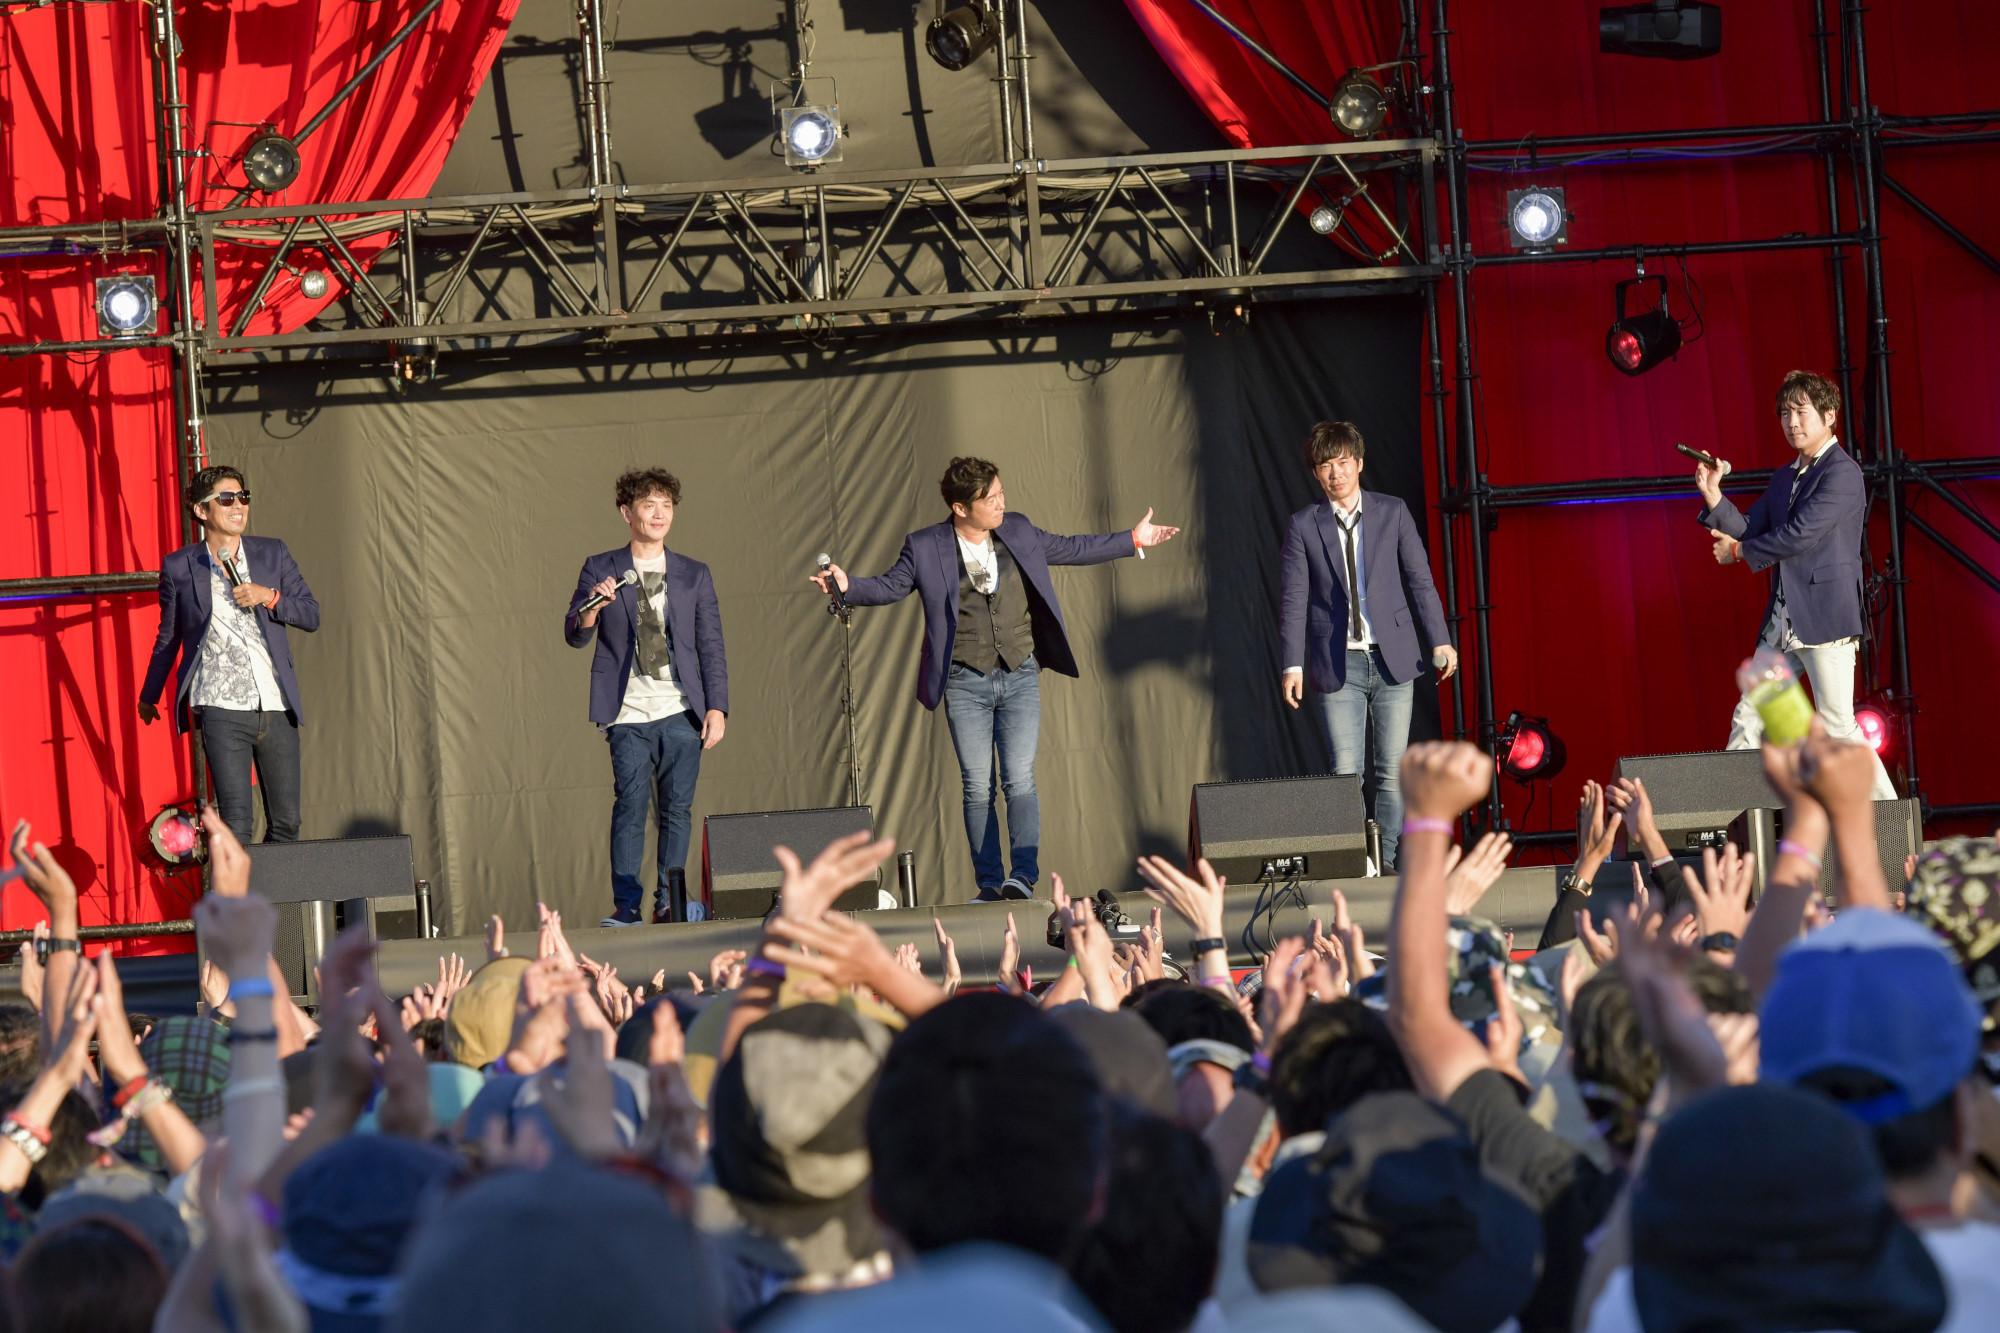 ゴスペラーズ (C)RISING SUN ROCK FESTIVAL  photo by 古渓一道